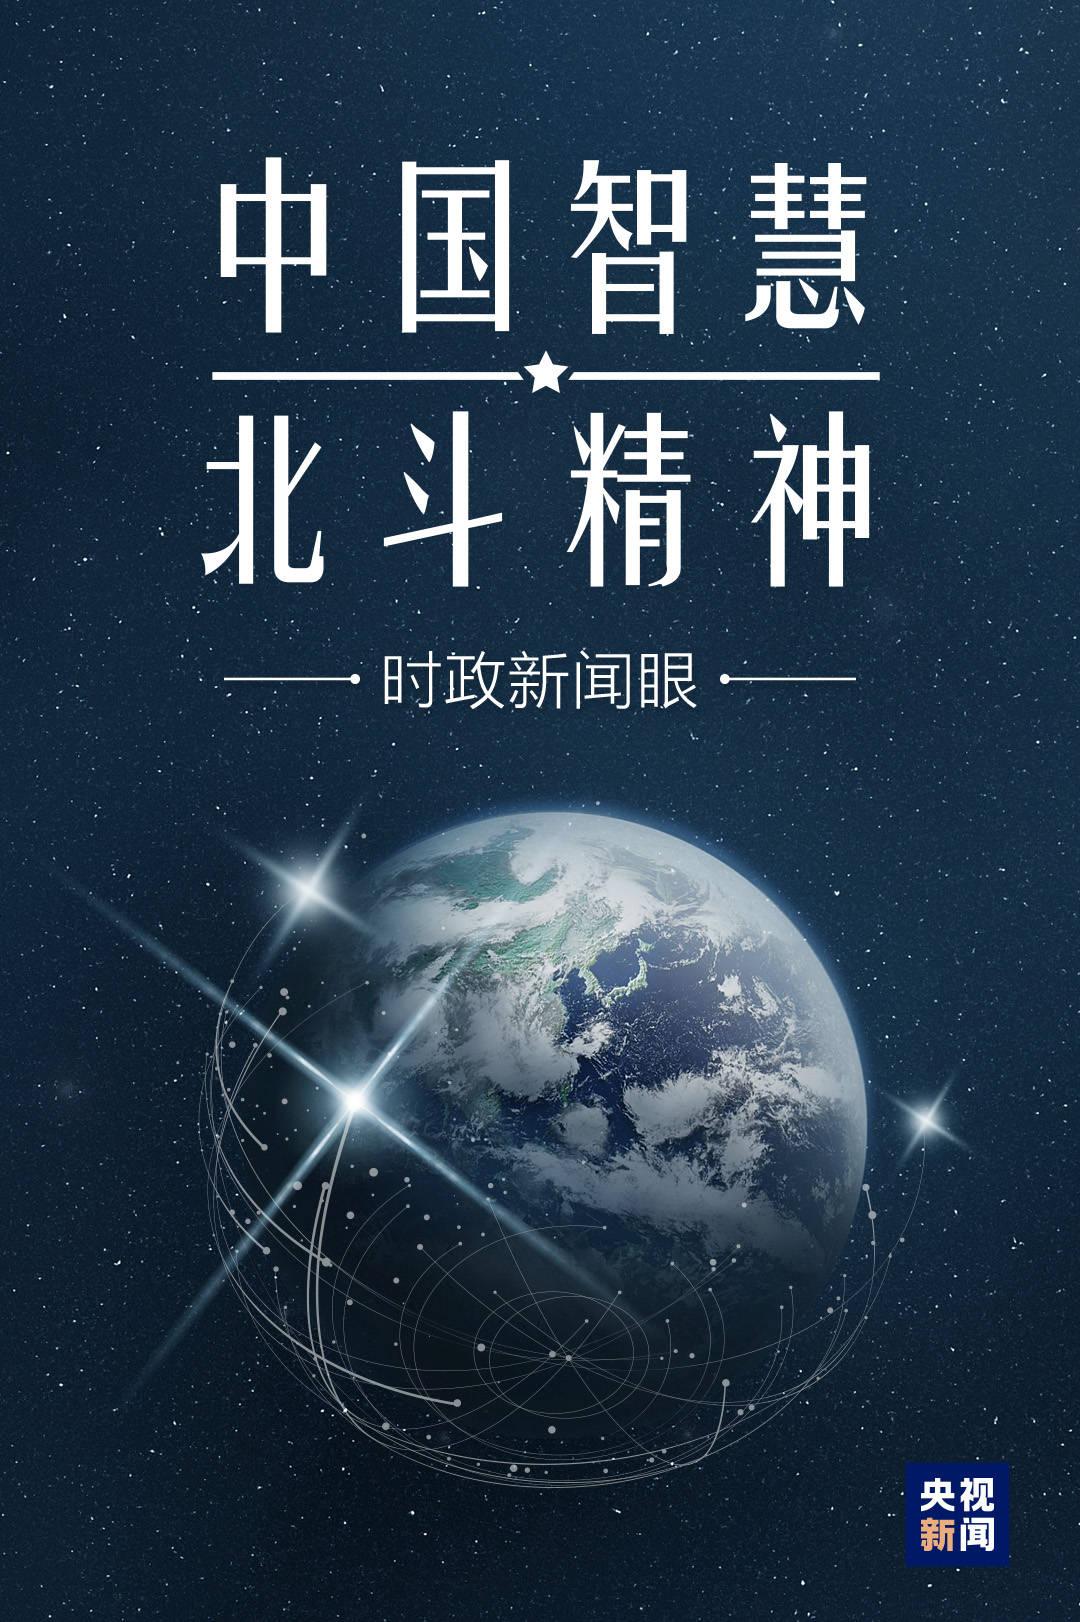 """时政新闻眼丨北斗三号开通之日,习近平为何提出""""新时代北斗精神"""""""